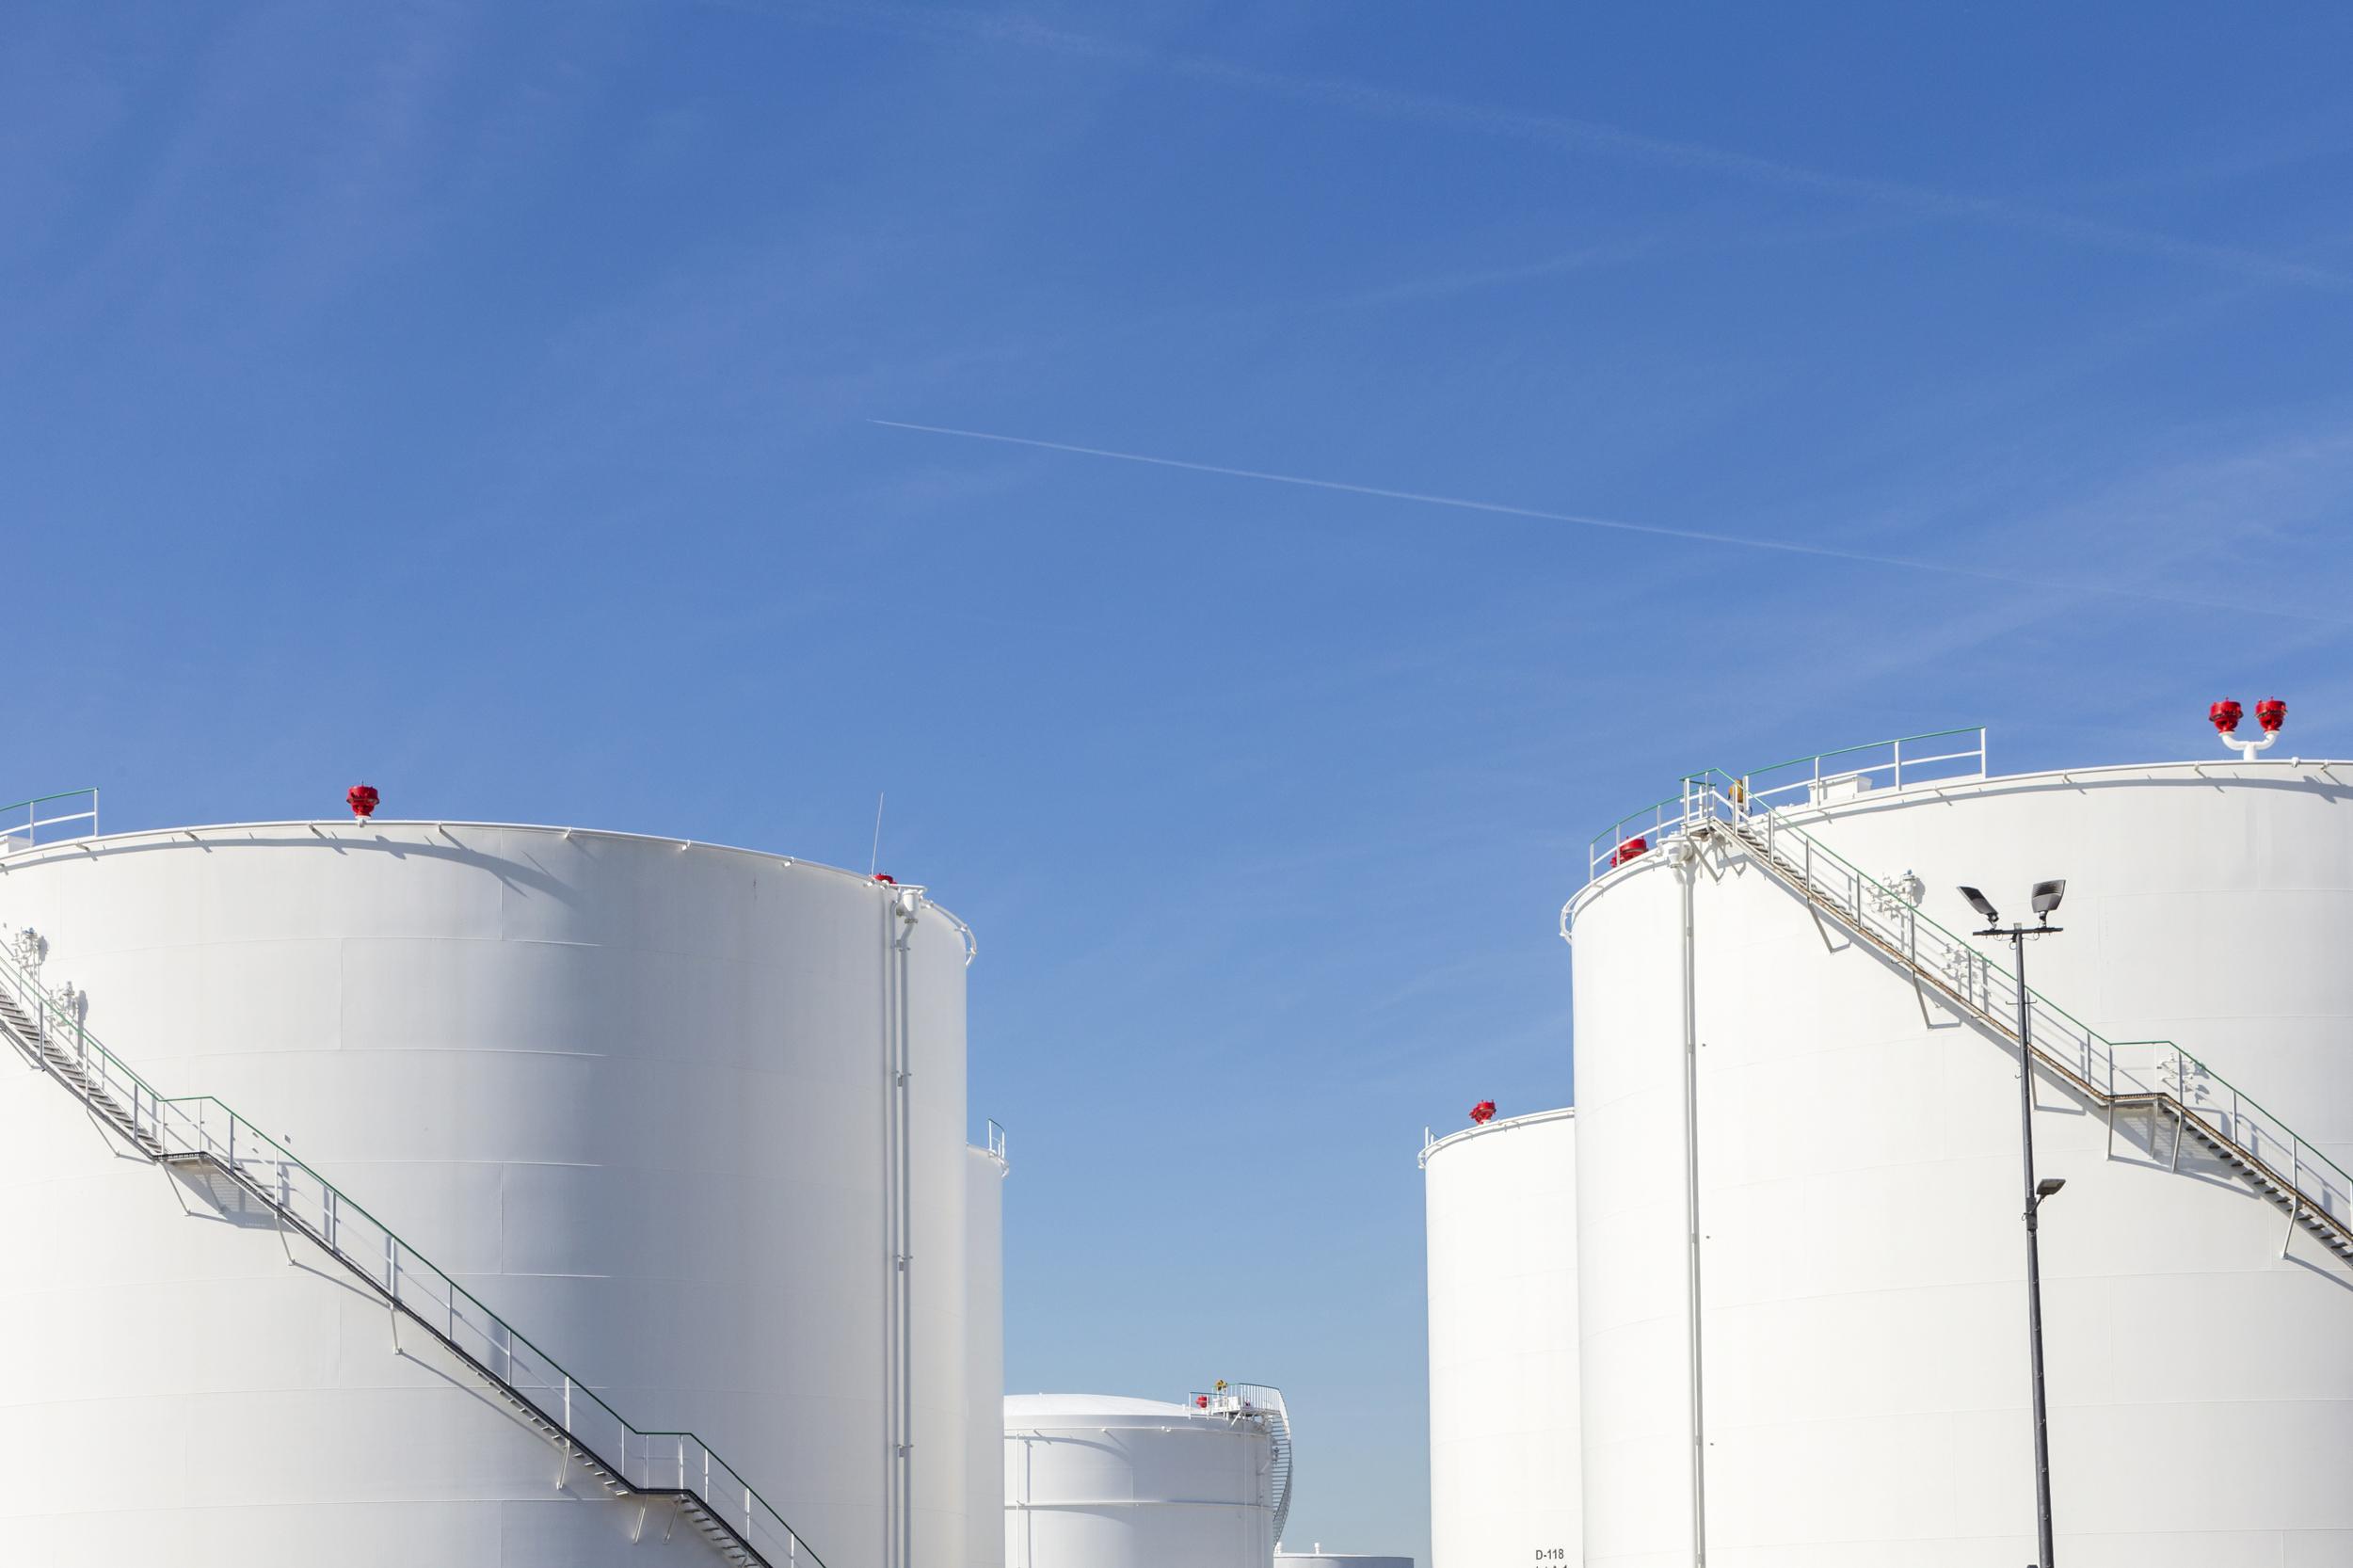 ILFC Ten32 Fuel Inhibitor Storage Stabilizer, Lubricant